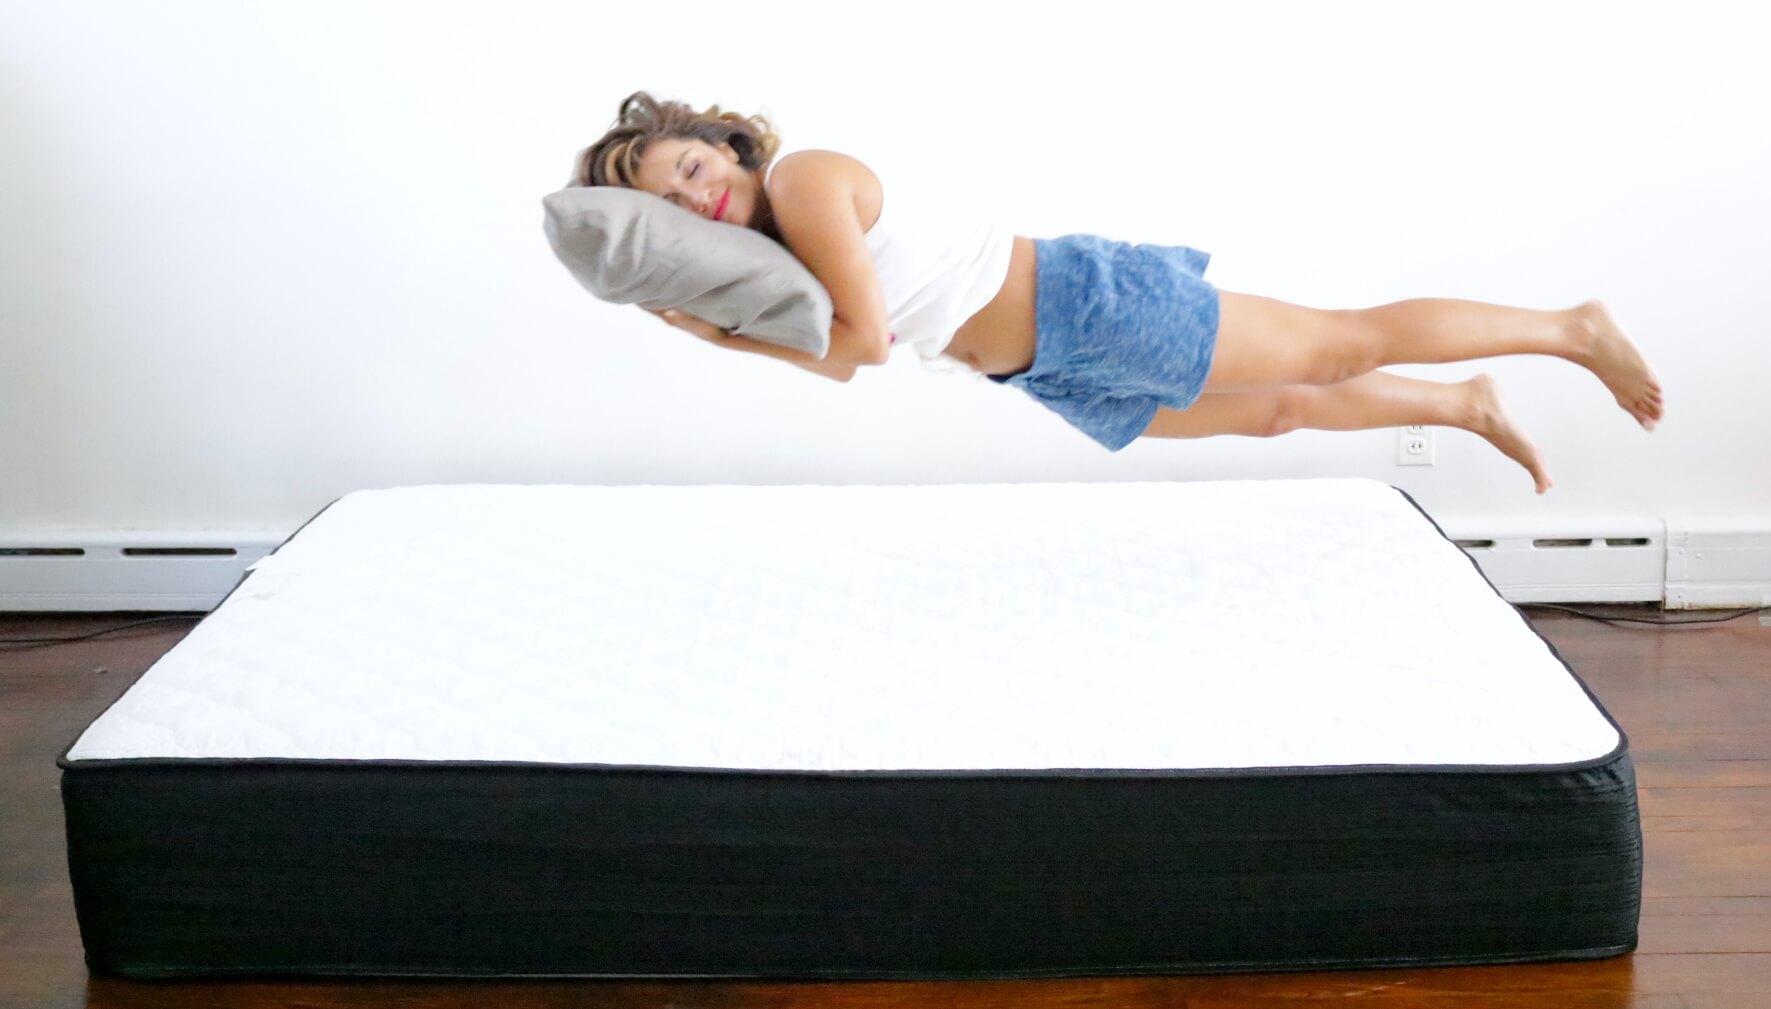 Girl On The Mattress Mattress Reviews Sleep Guides